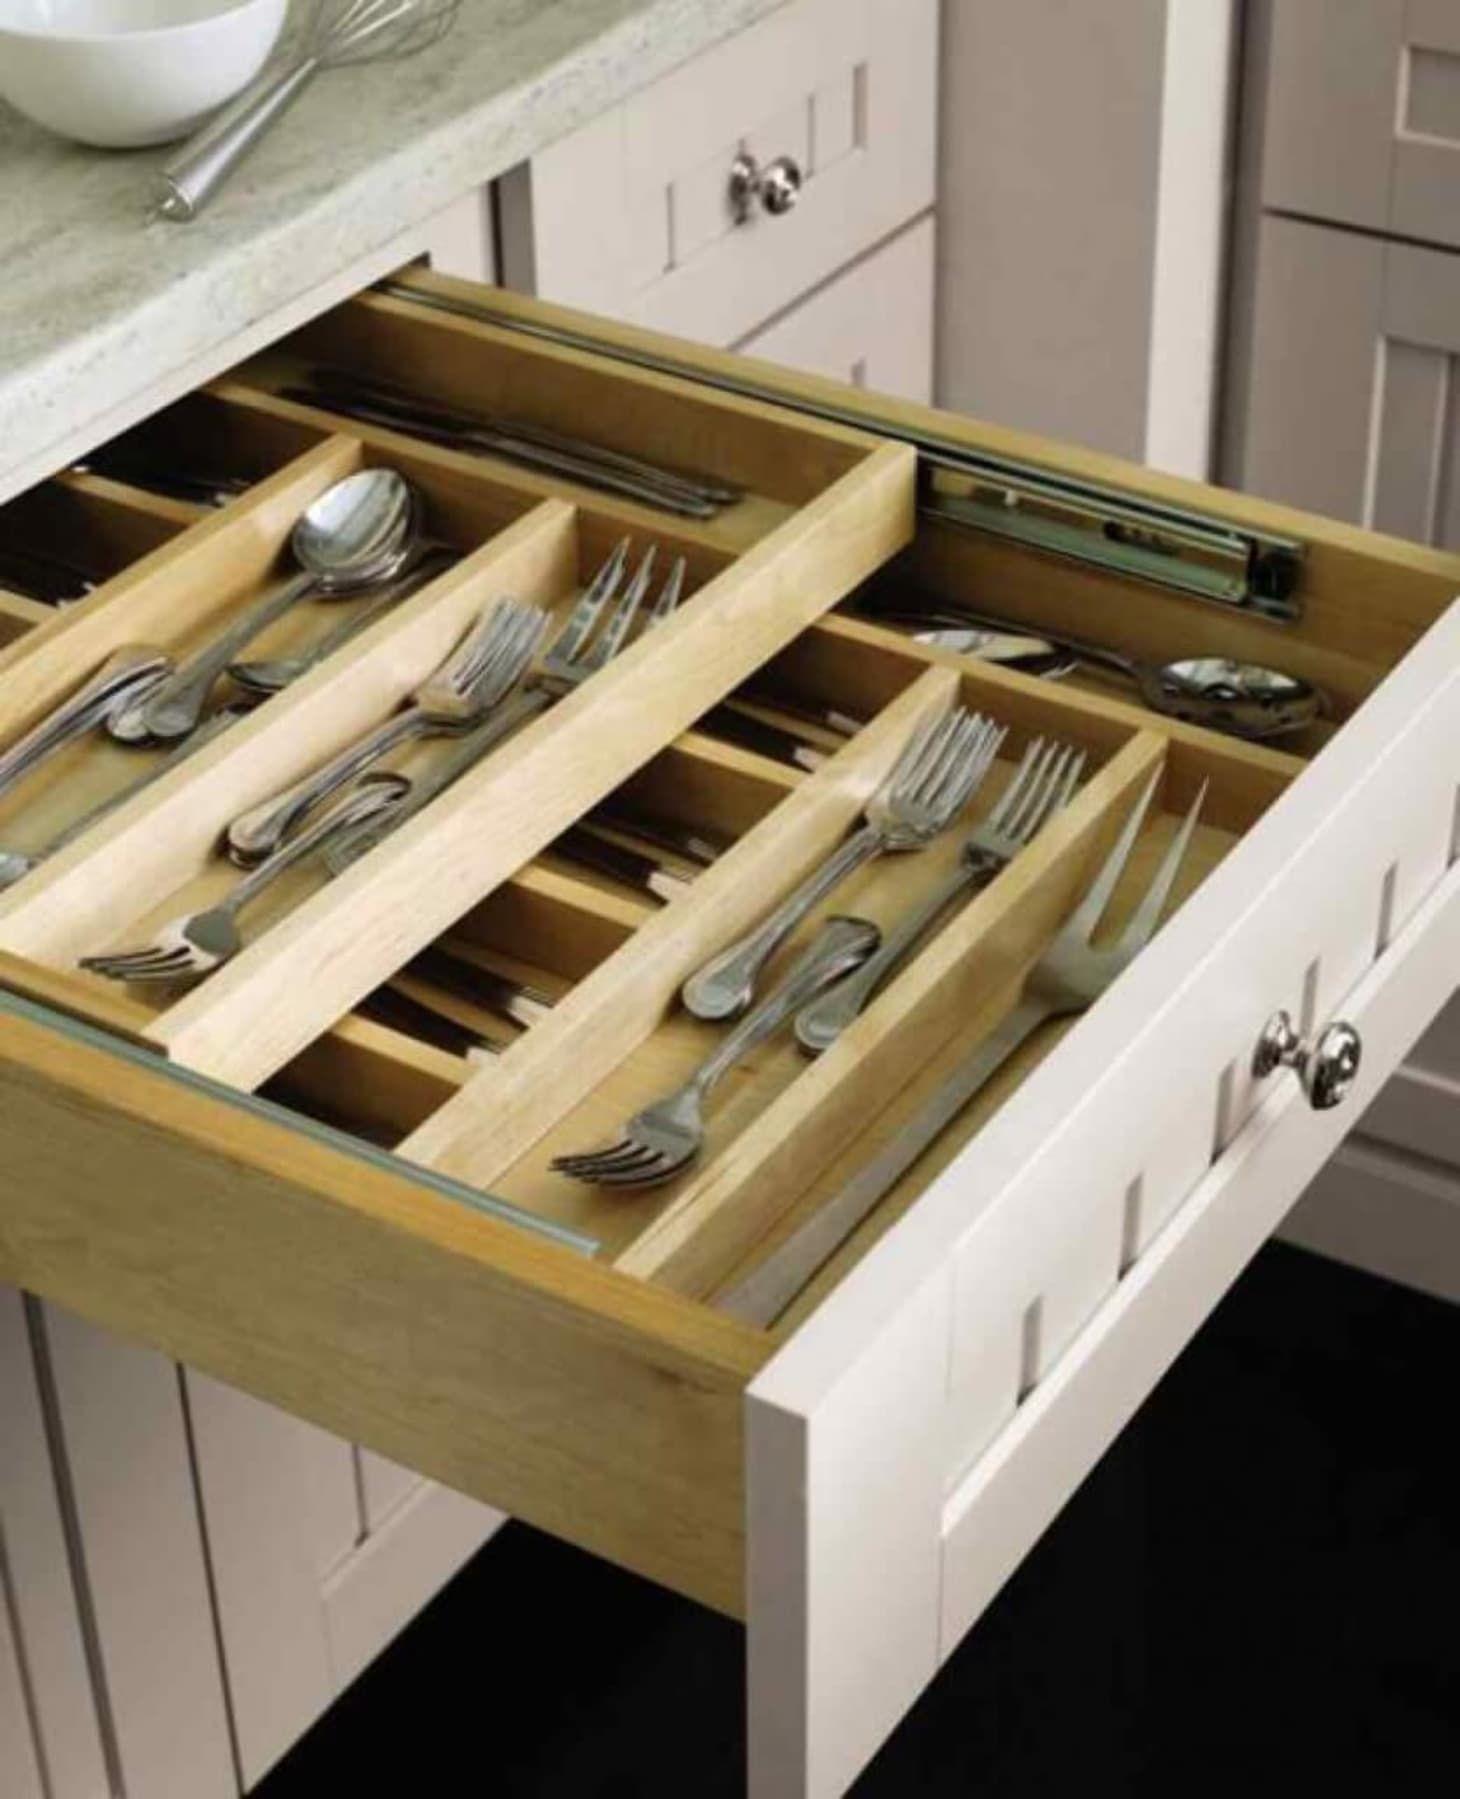 Smart Storage: Totally Genius Ways to Customize Kitchen Cabinets #smartstorage